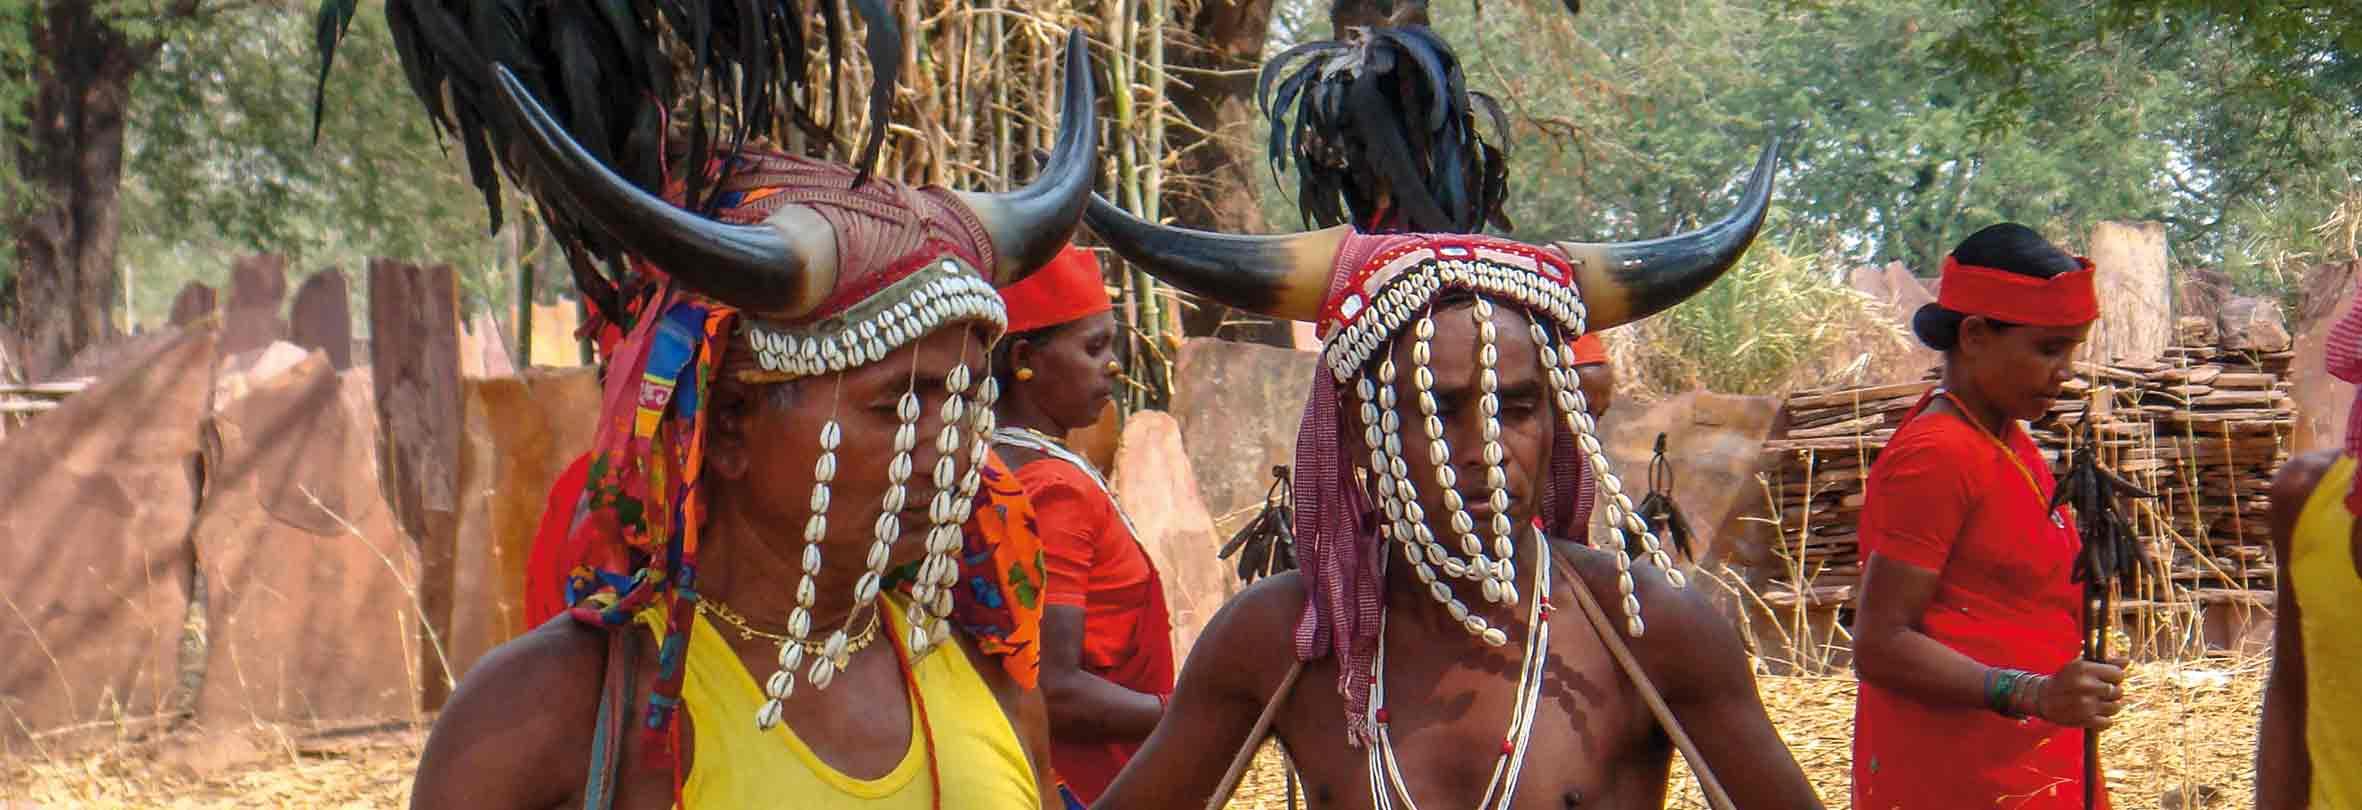 Bisonhonr-Tanz der Murias, Chhattisgarh, Indien